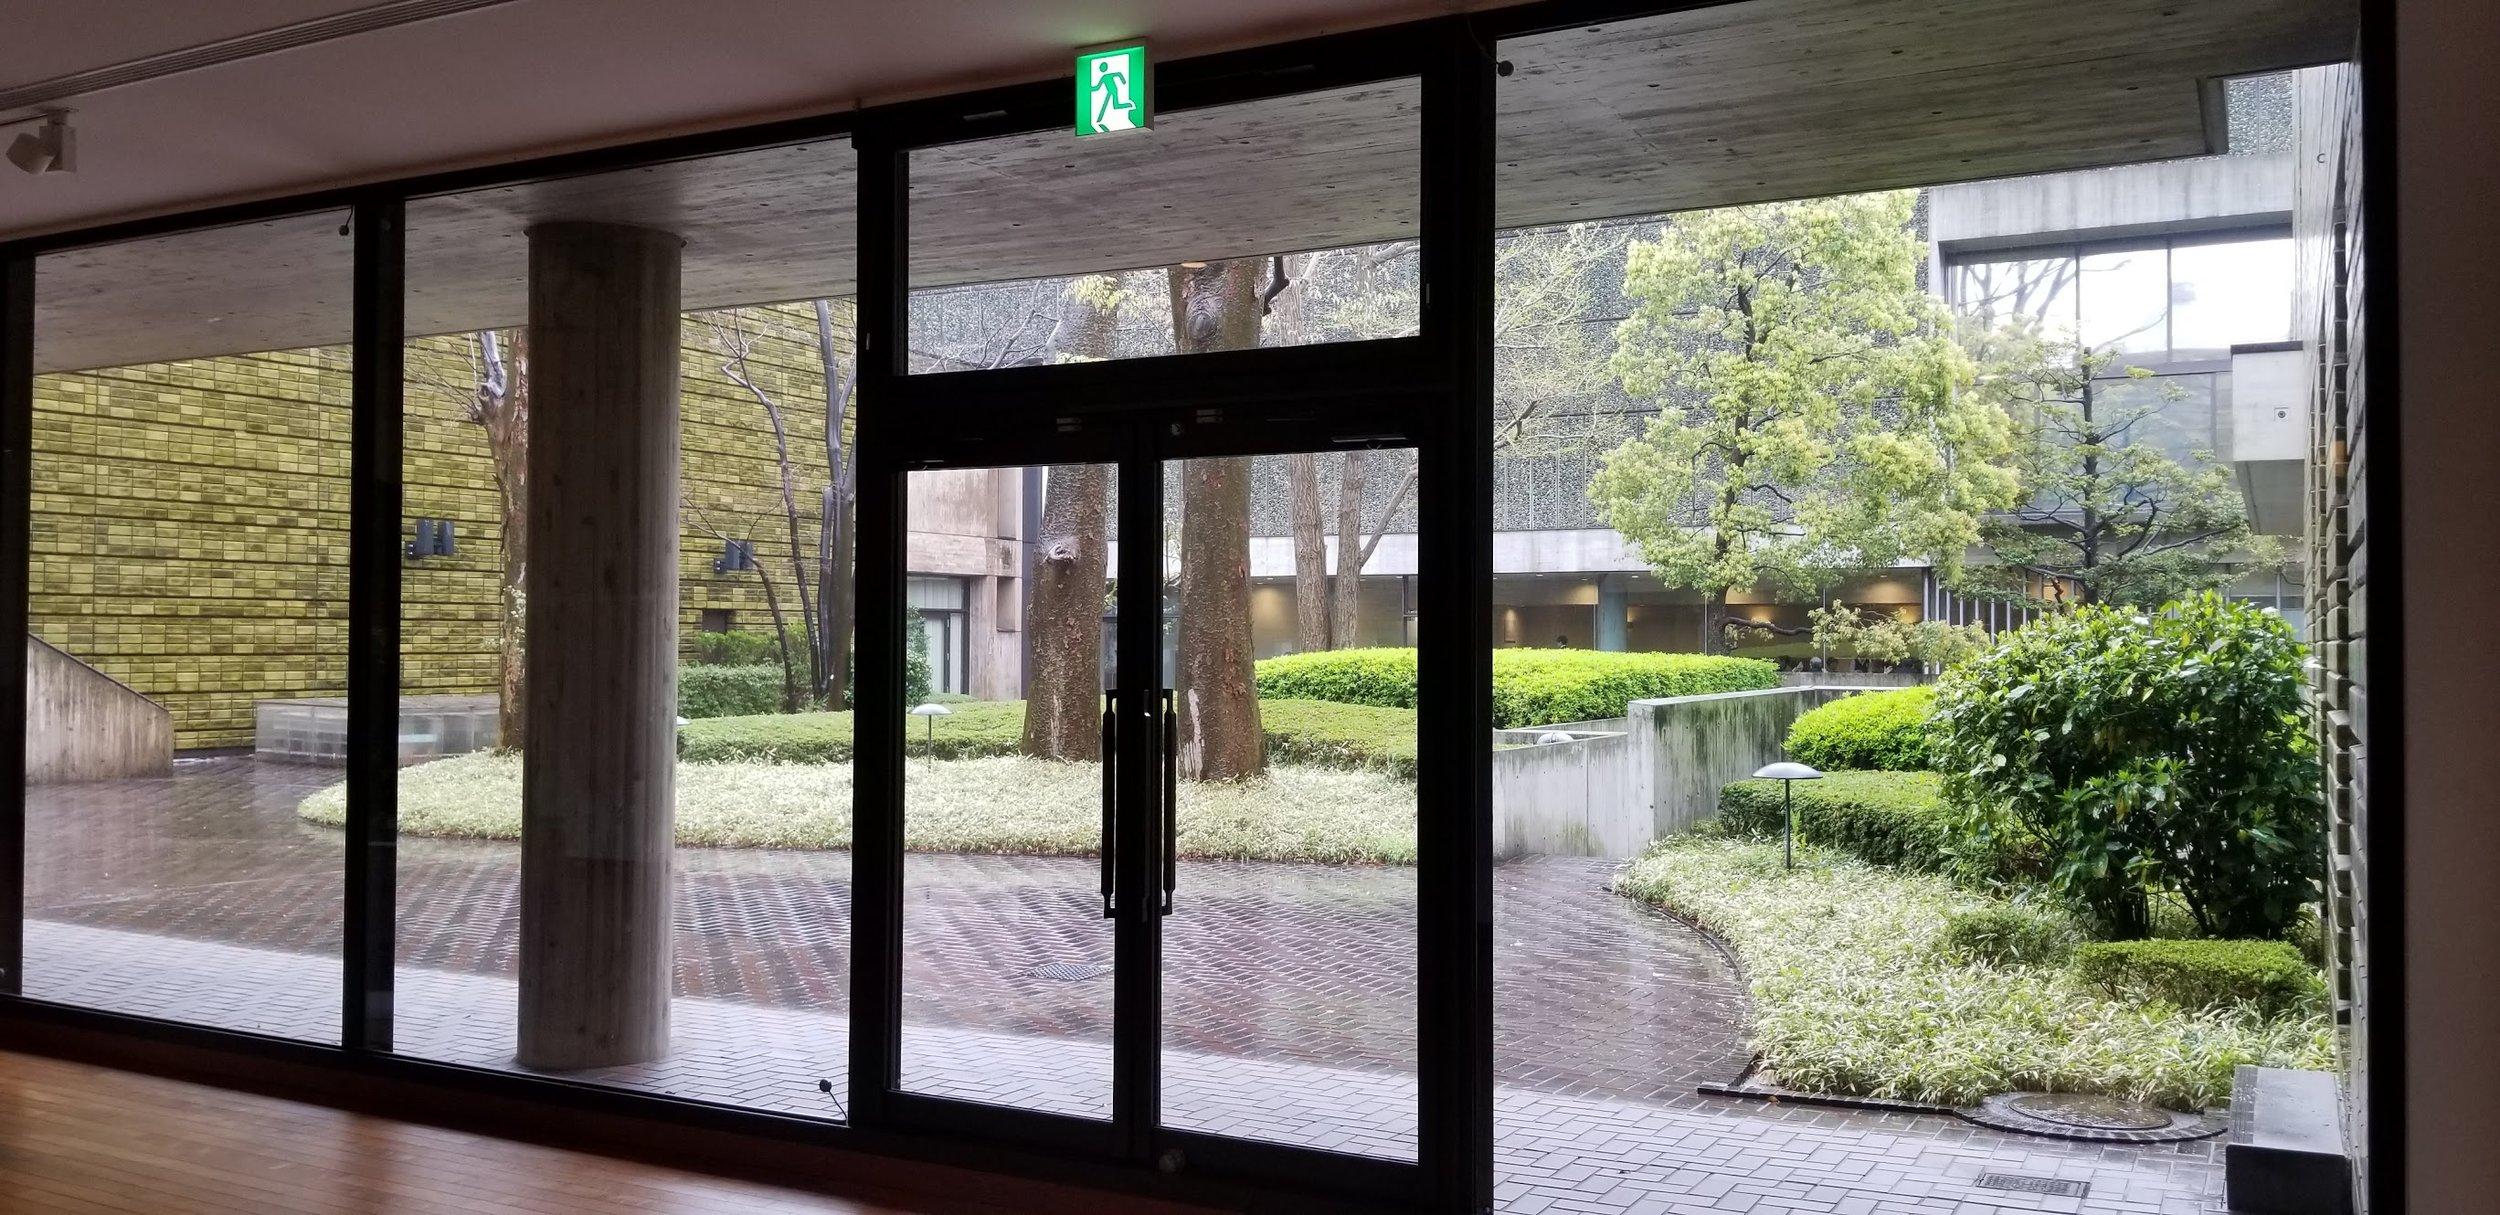 An indoor outdoor